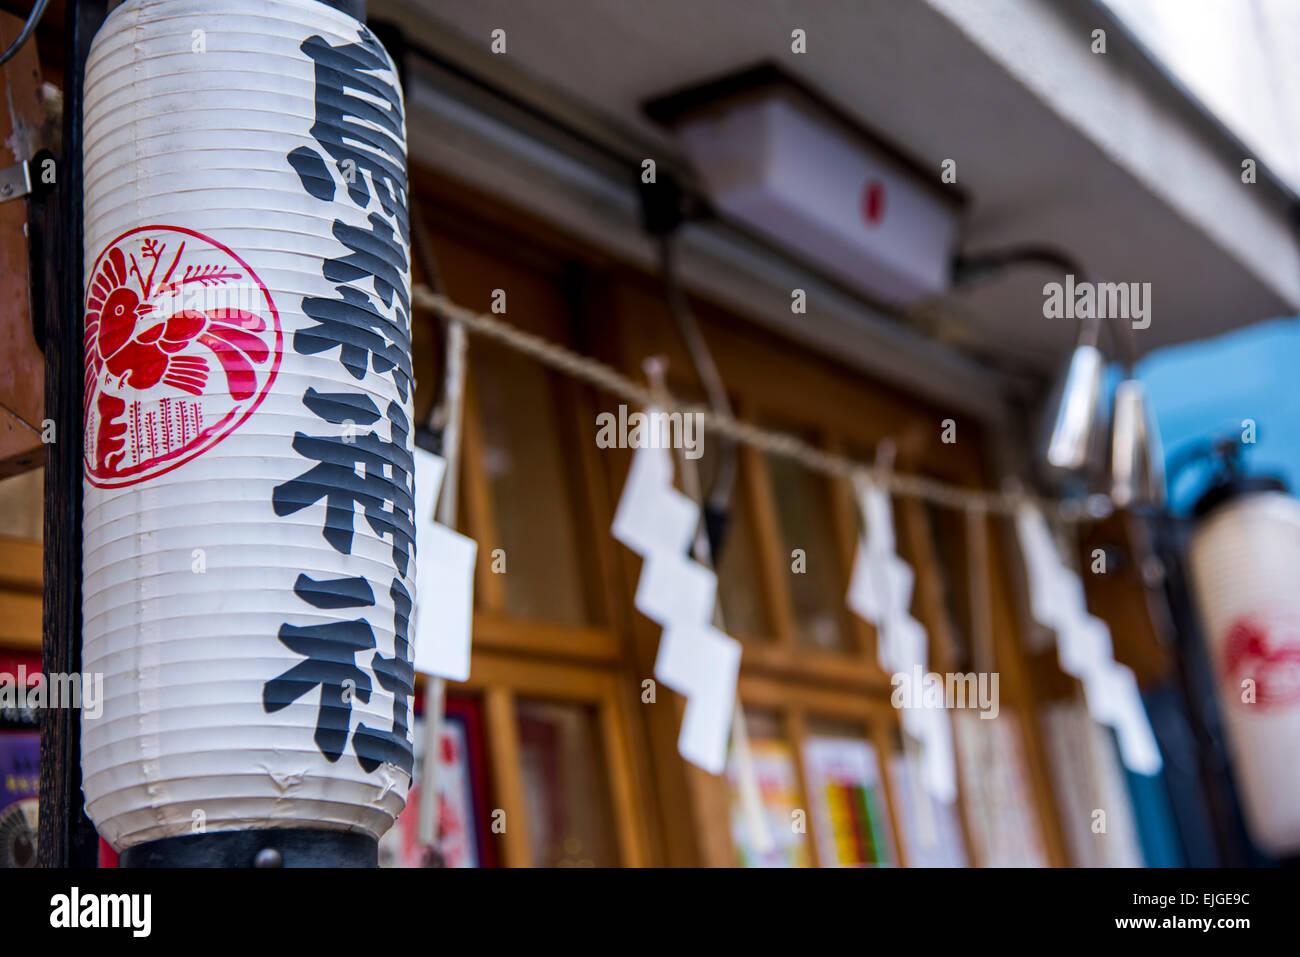 Karasumori  Shrine,Minato-Ku,Tokyo,Japan Stock Photo